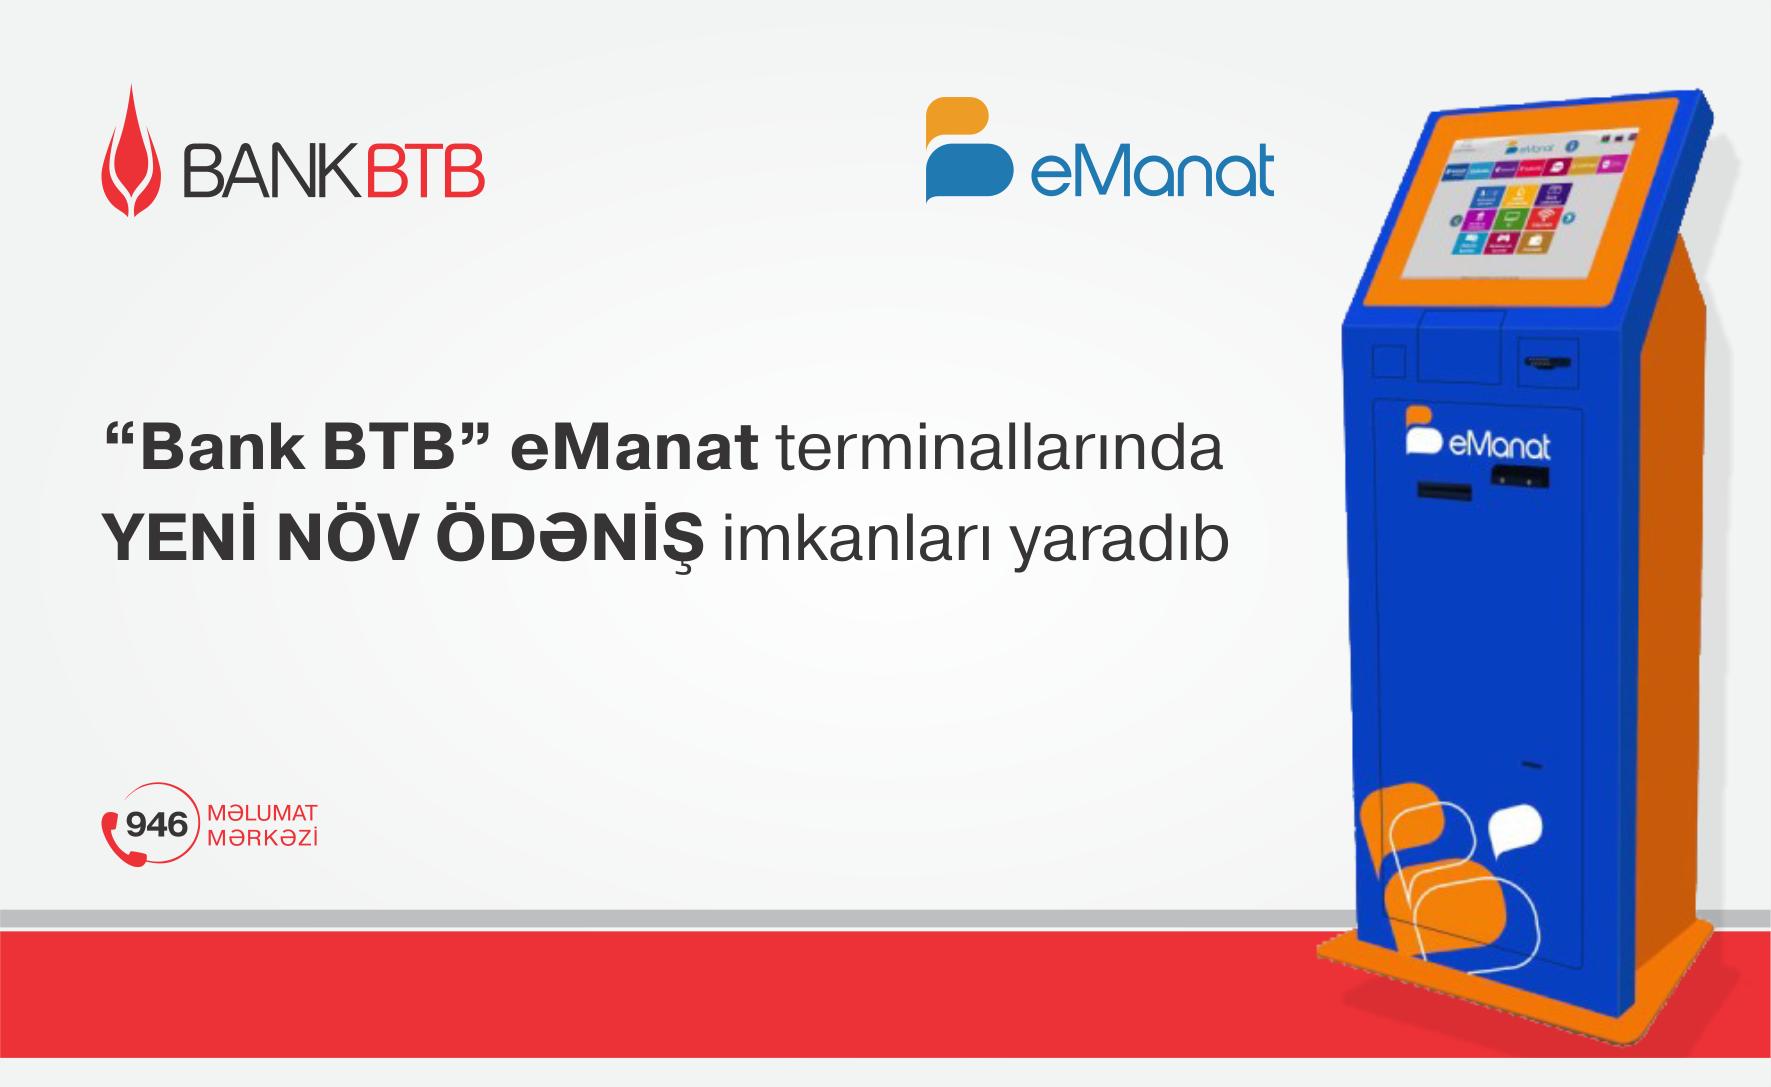 Bank Btb Emanat Terminallarinda Yeni Nov Odənis Imkanlari Yaradib Banco Az